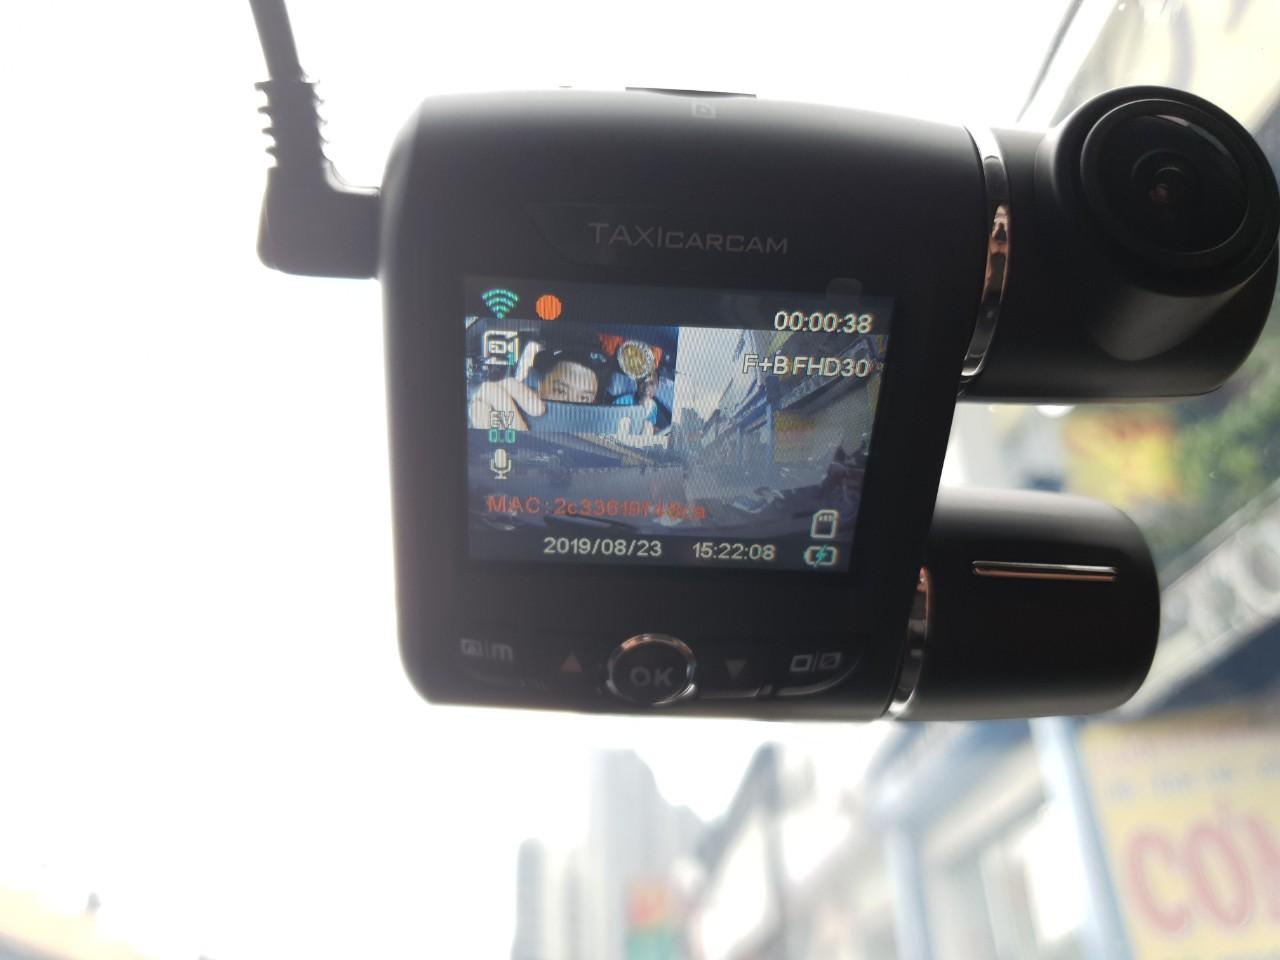 camera hanh trinh taxicarcam